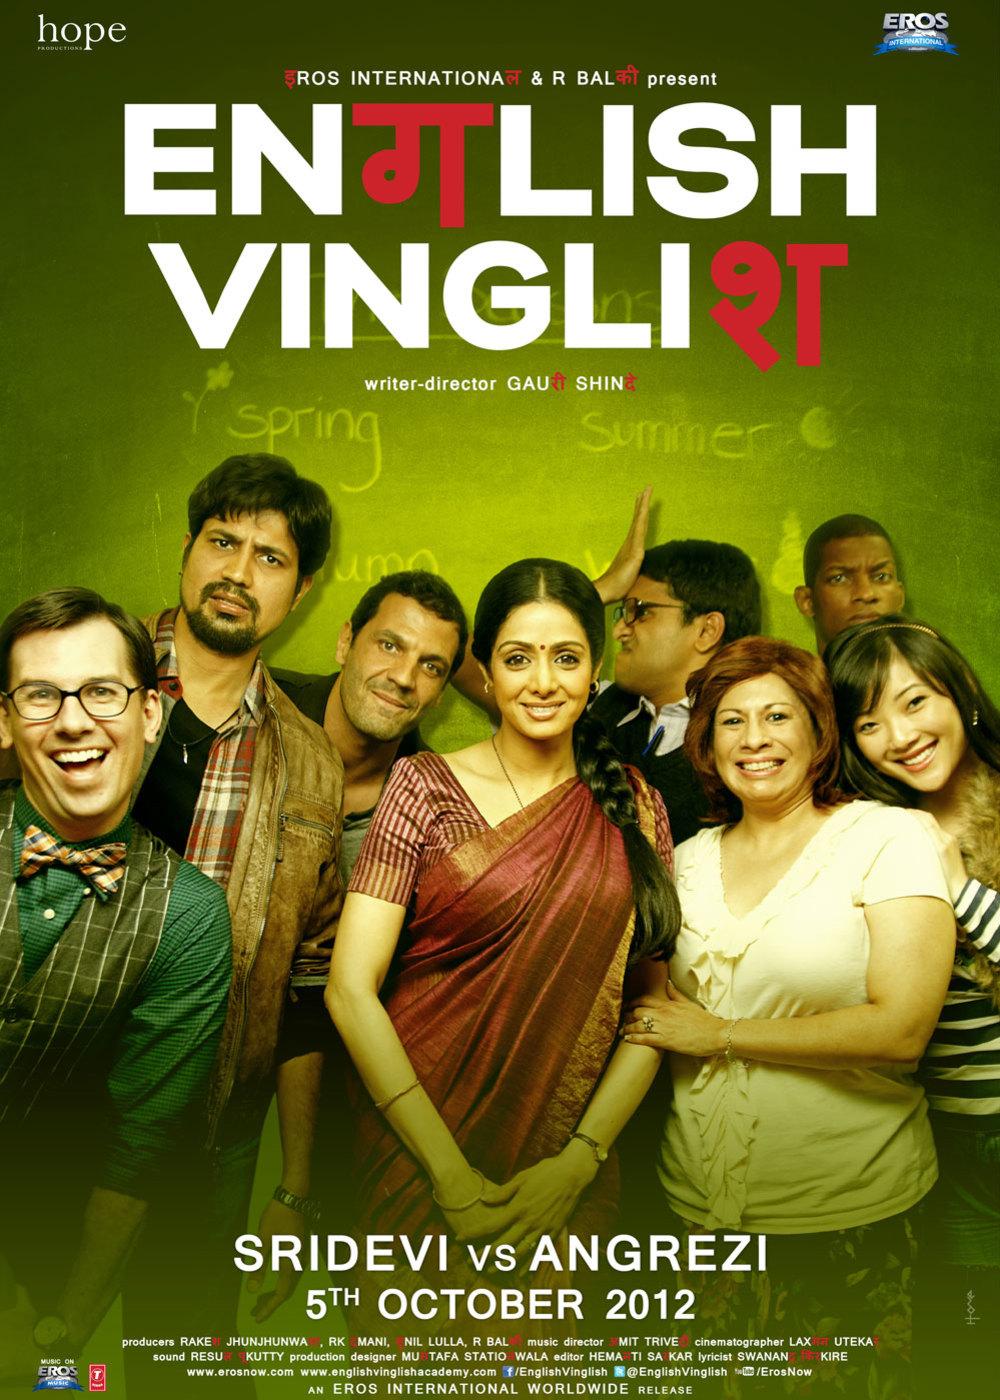 印式英语 《印式英语》印度预告片 - 电影 - 高清在线